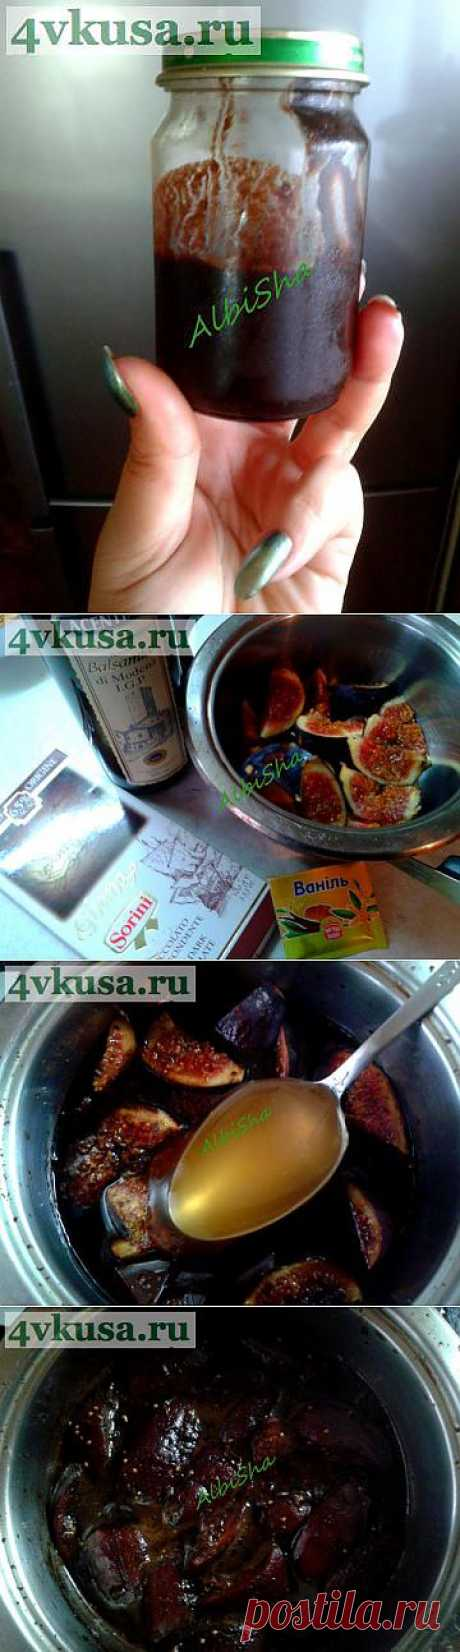 ИНЖИРНЫЙ КРЕМ-БАЛЬЗАМИК | 4vkusa.ru